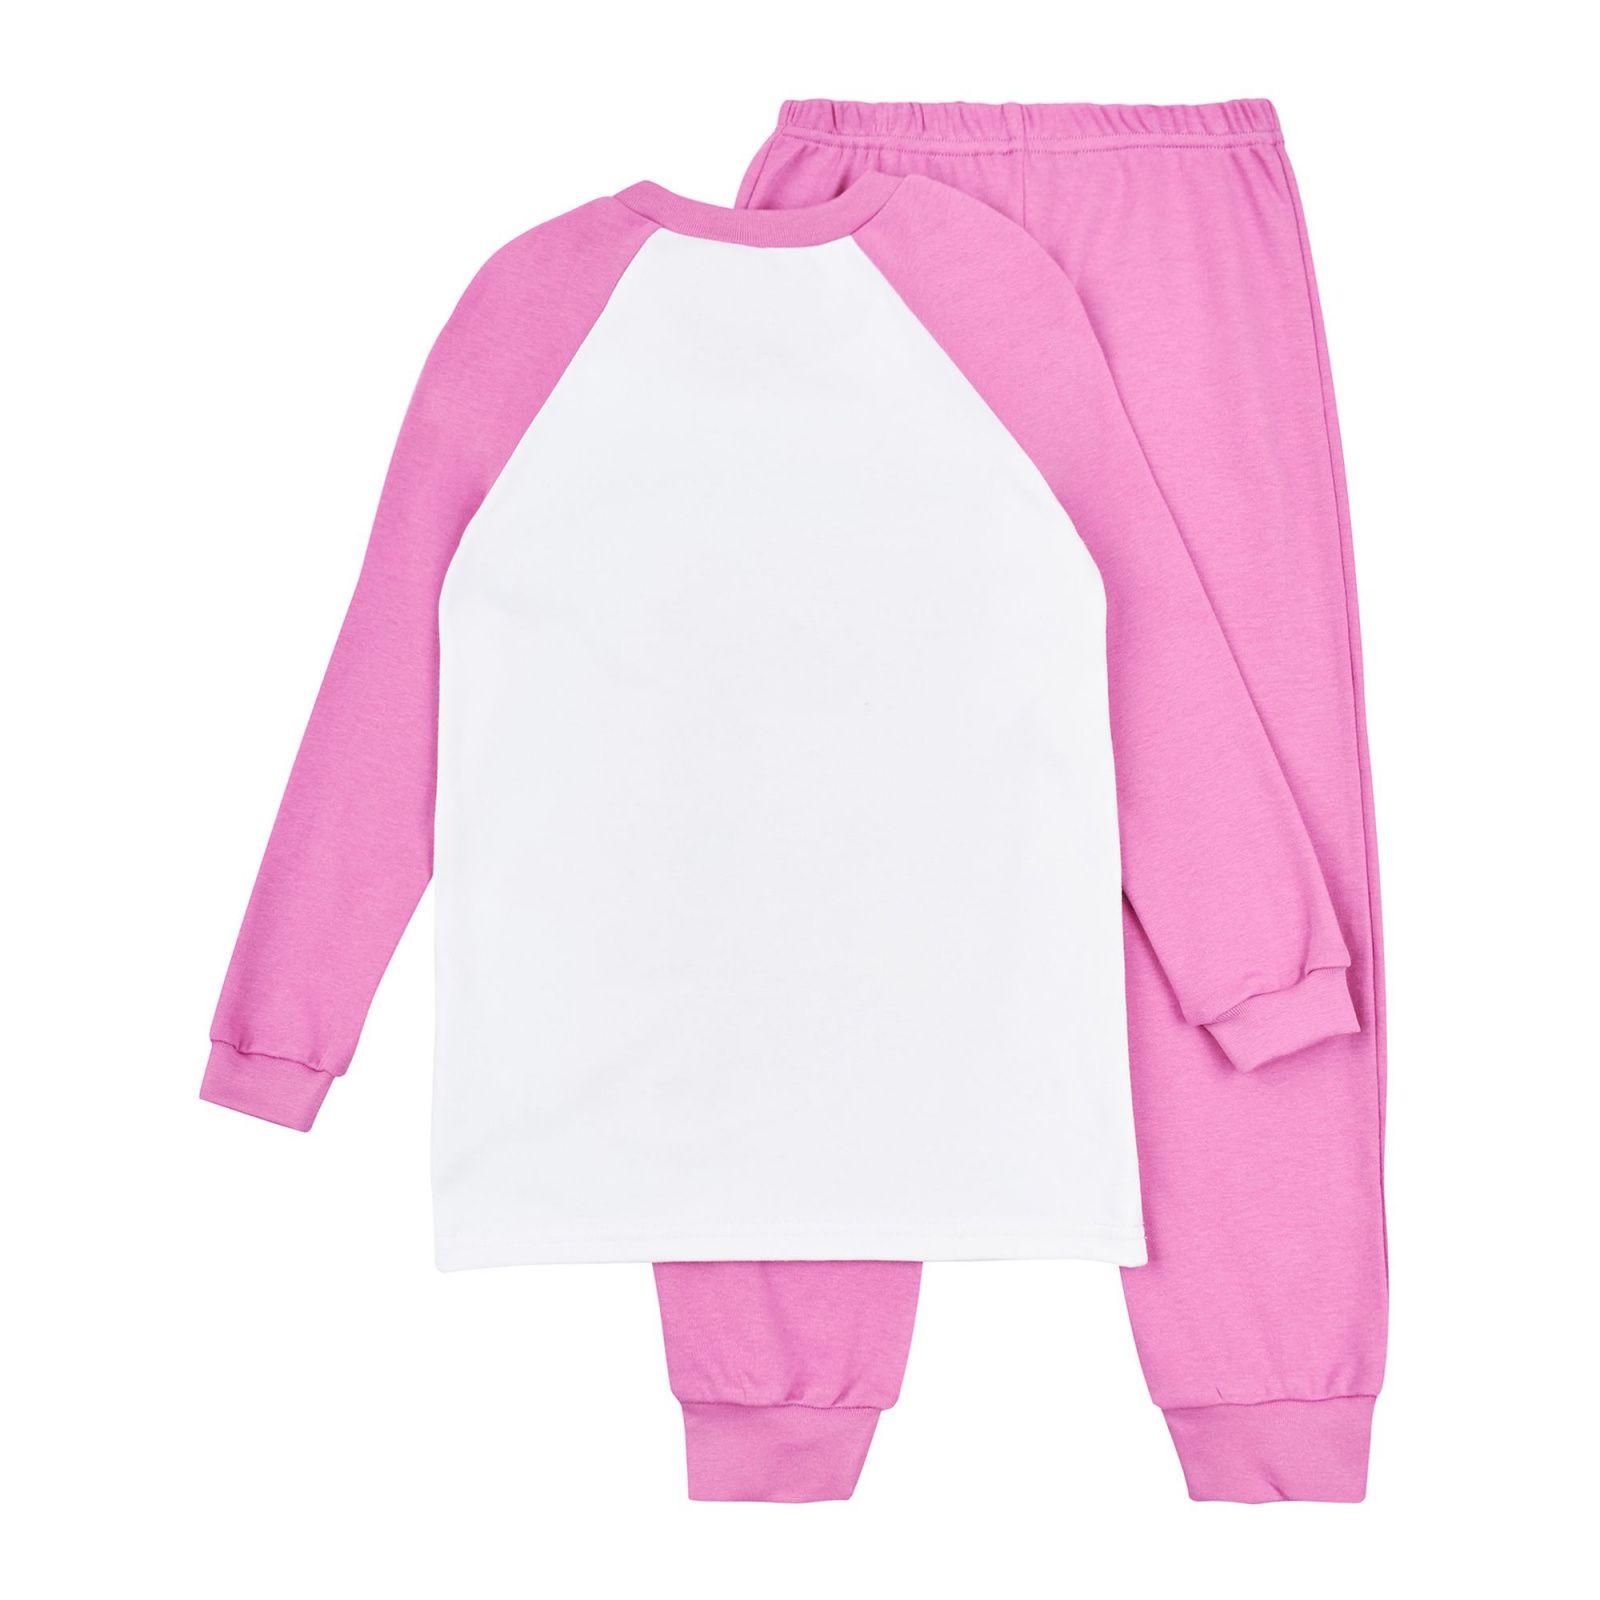 Пижама детские Garnamama модель 2EI~50841-13 приобрести, 2017